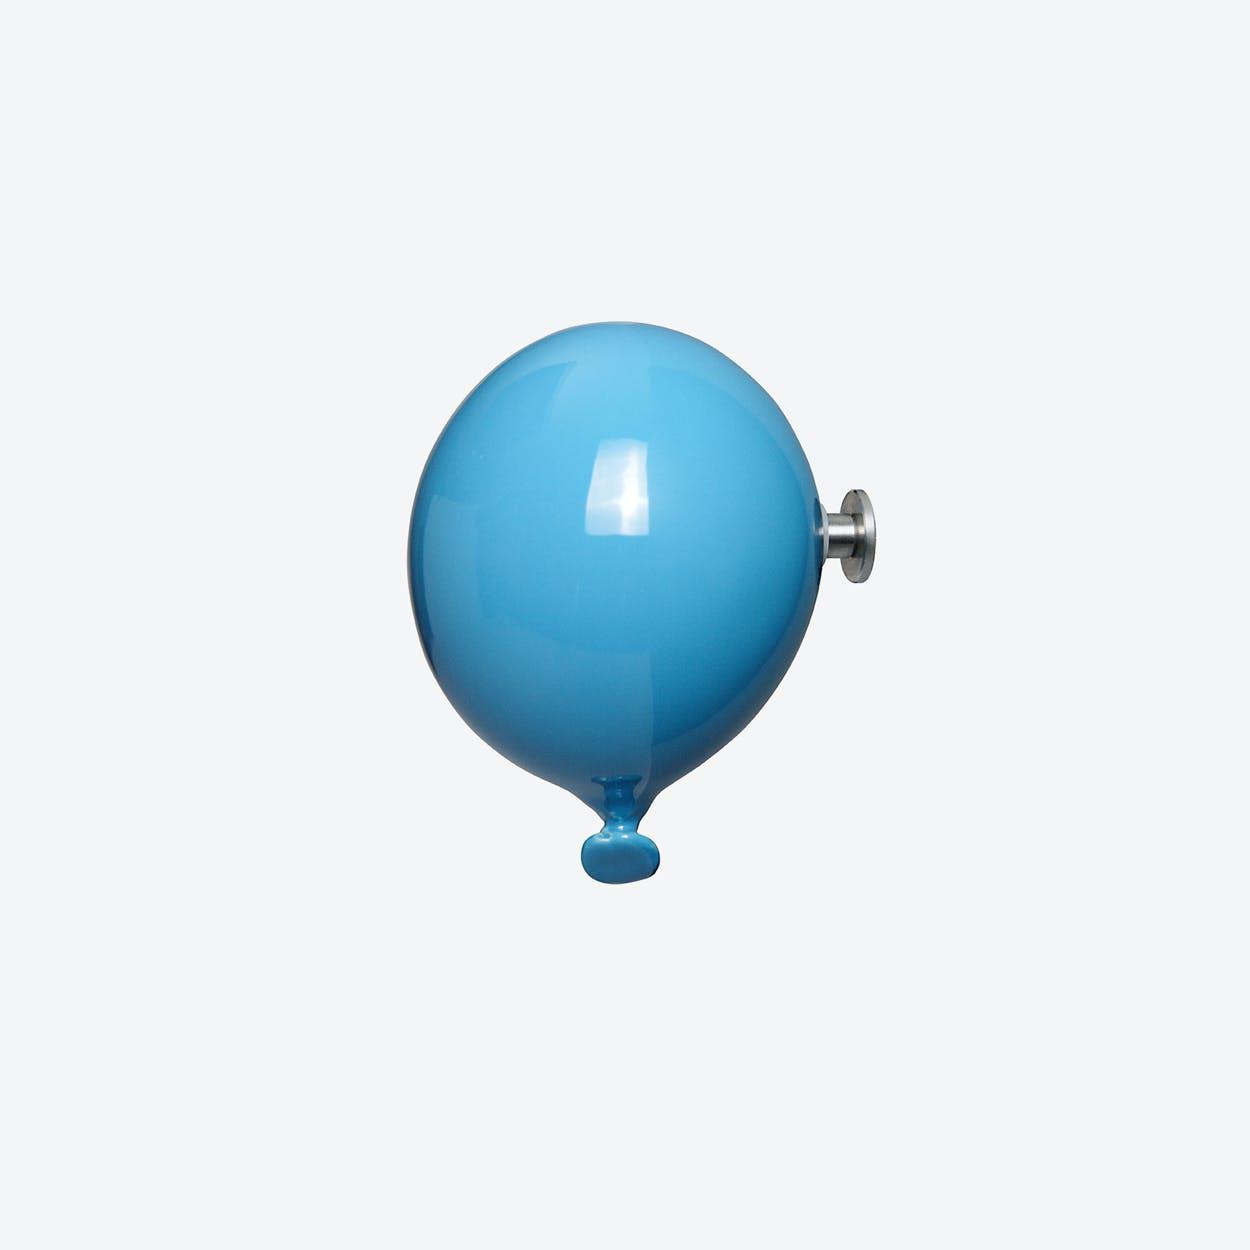 Mini Balloon Wall Hook in Sky Blue